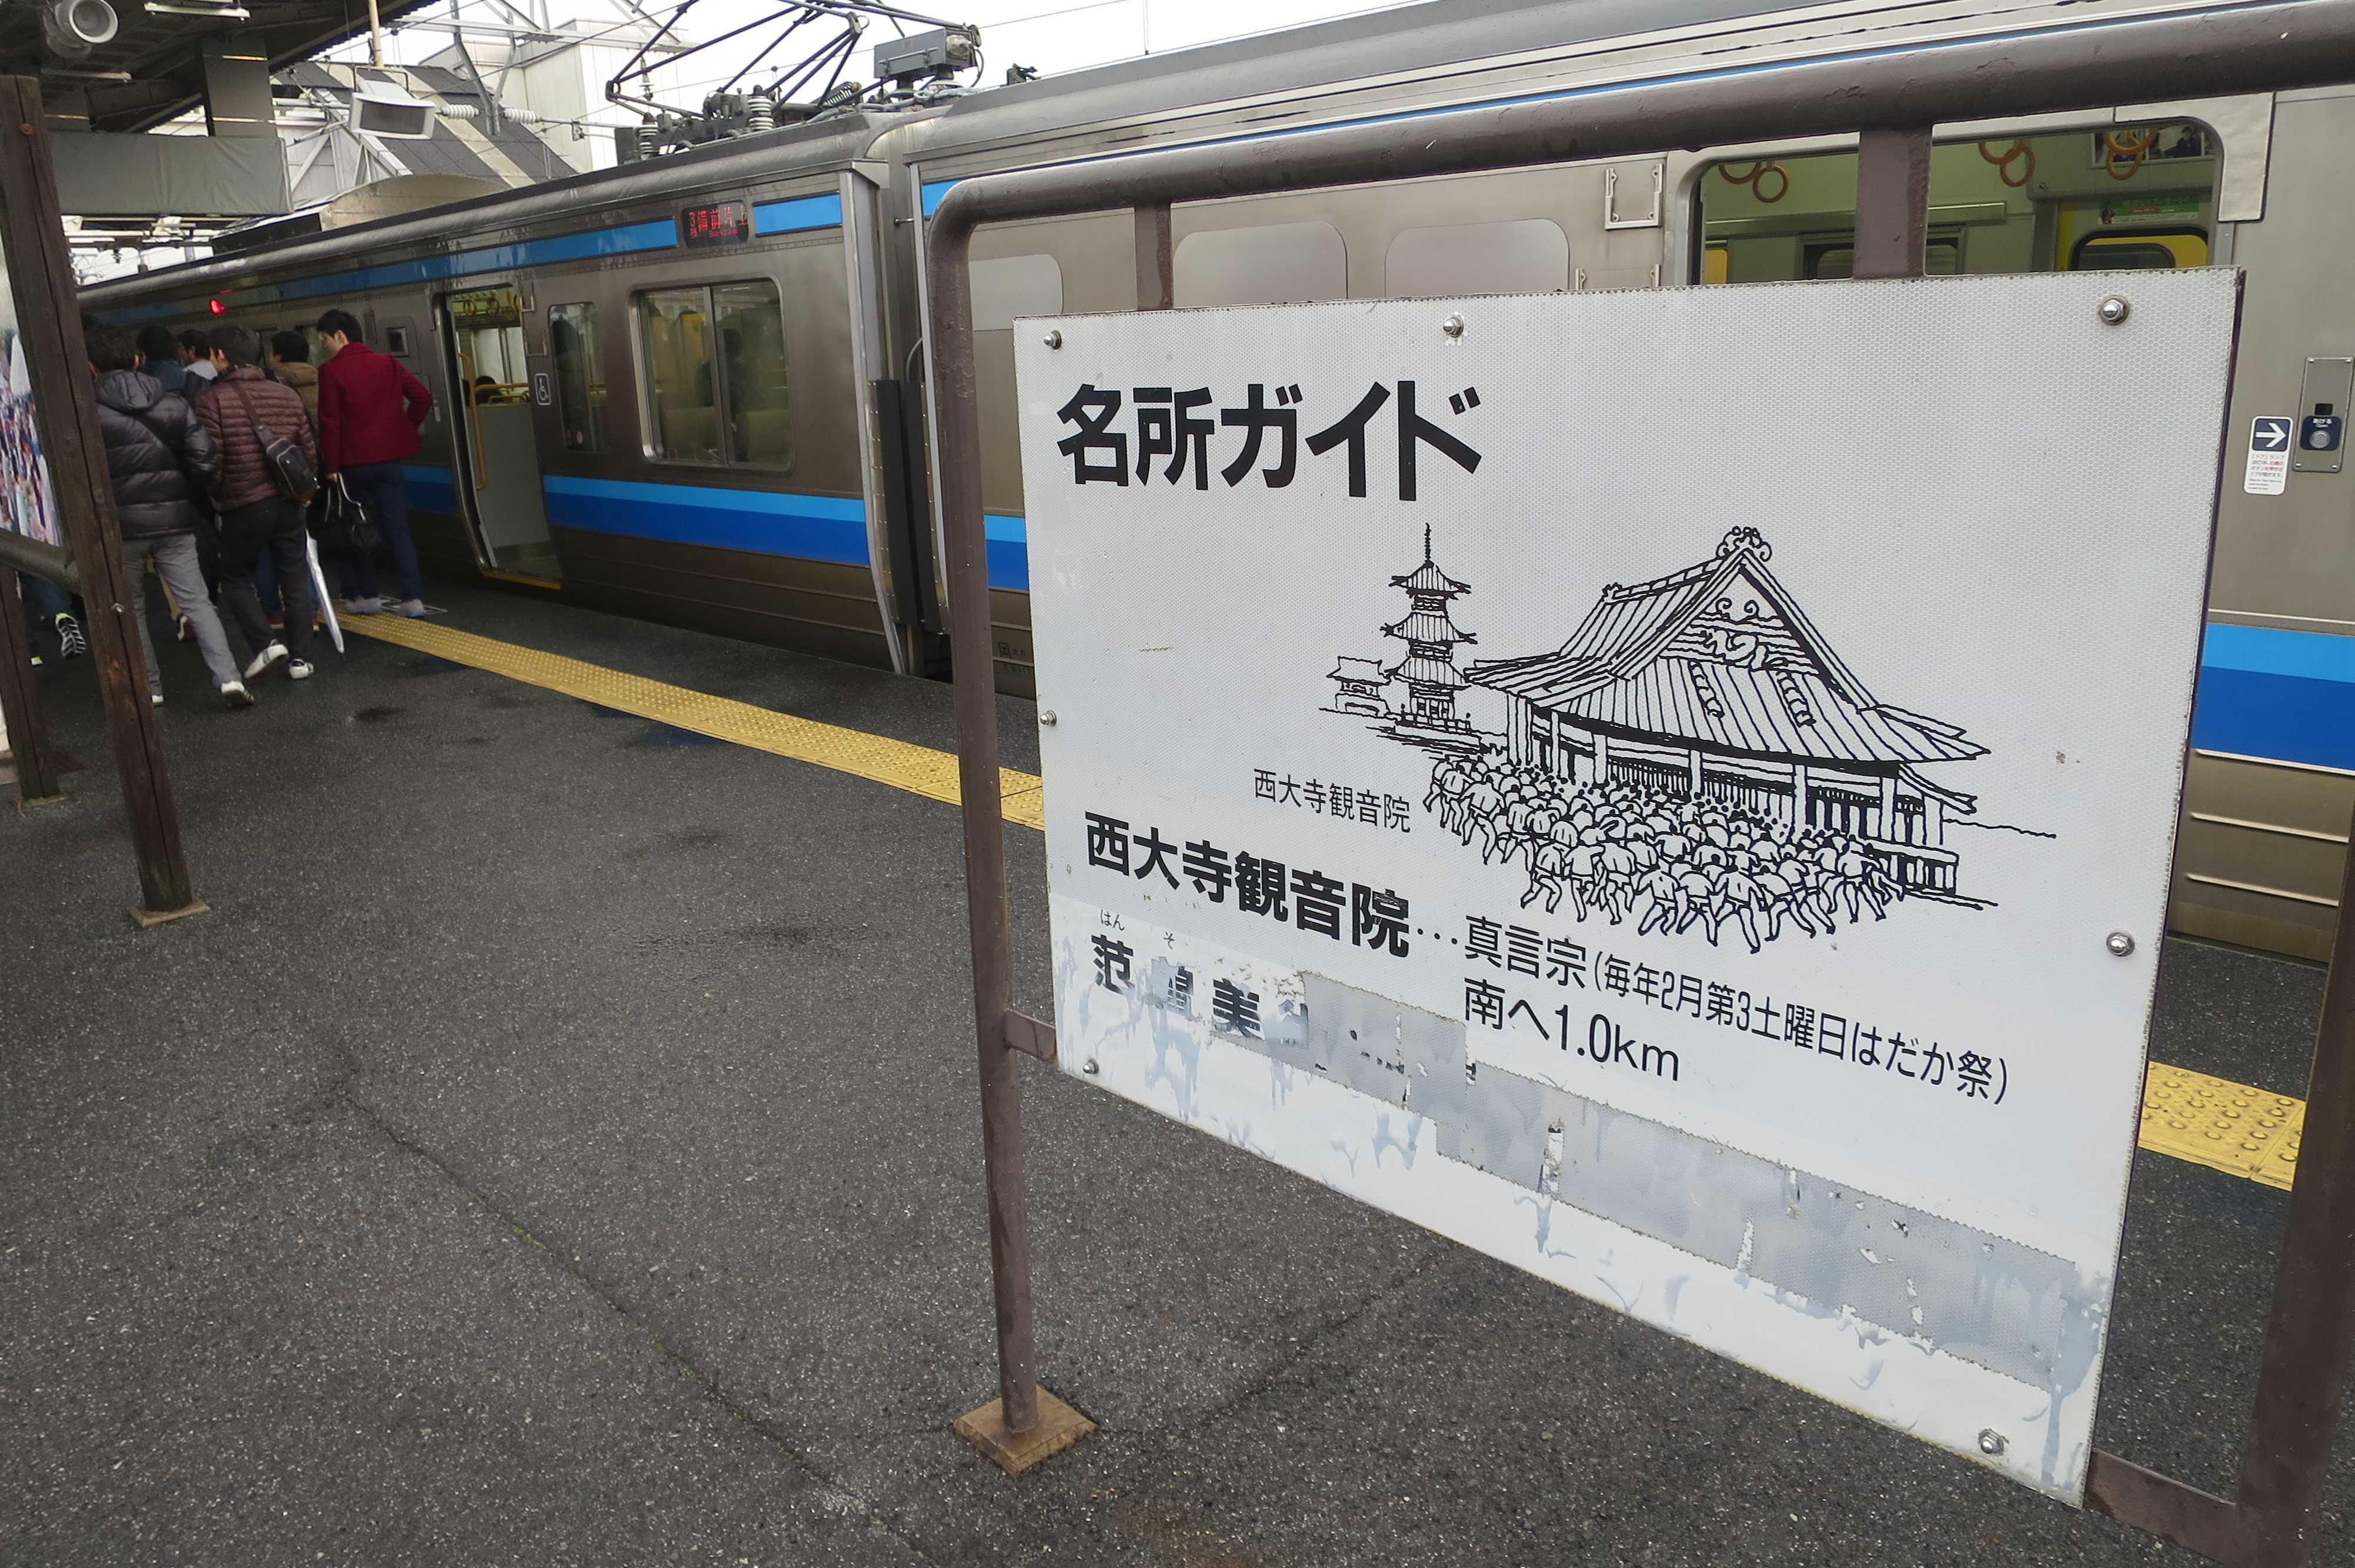 名所ガイド: 西大寺観音院…真言宗(毎年2月第三土曜日はだか祭)